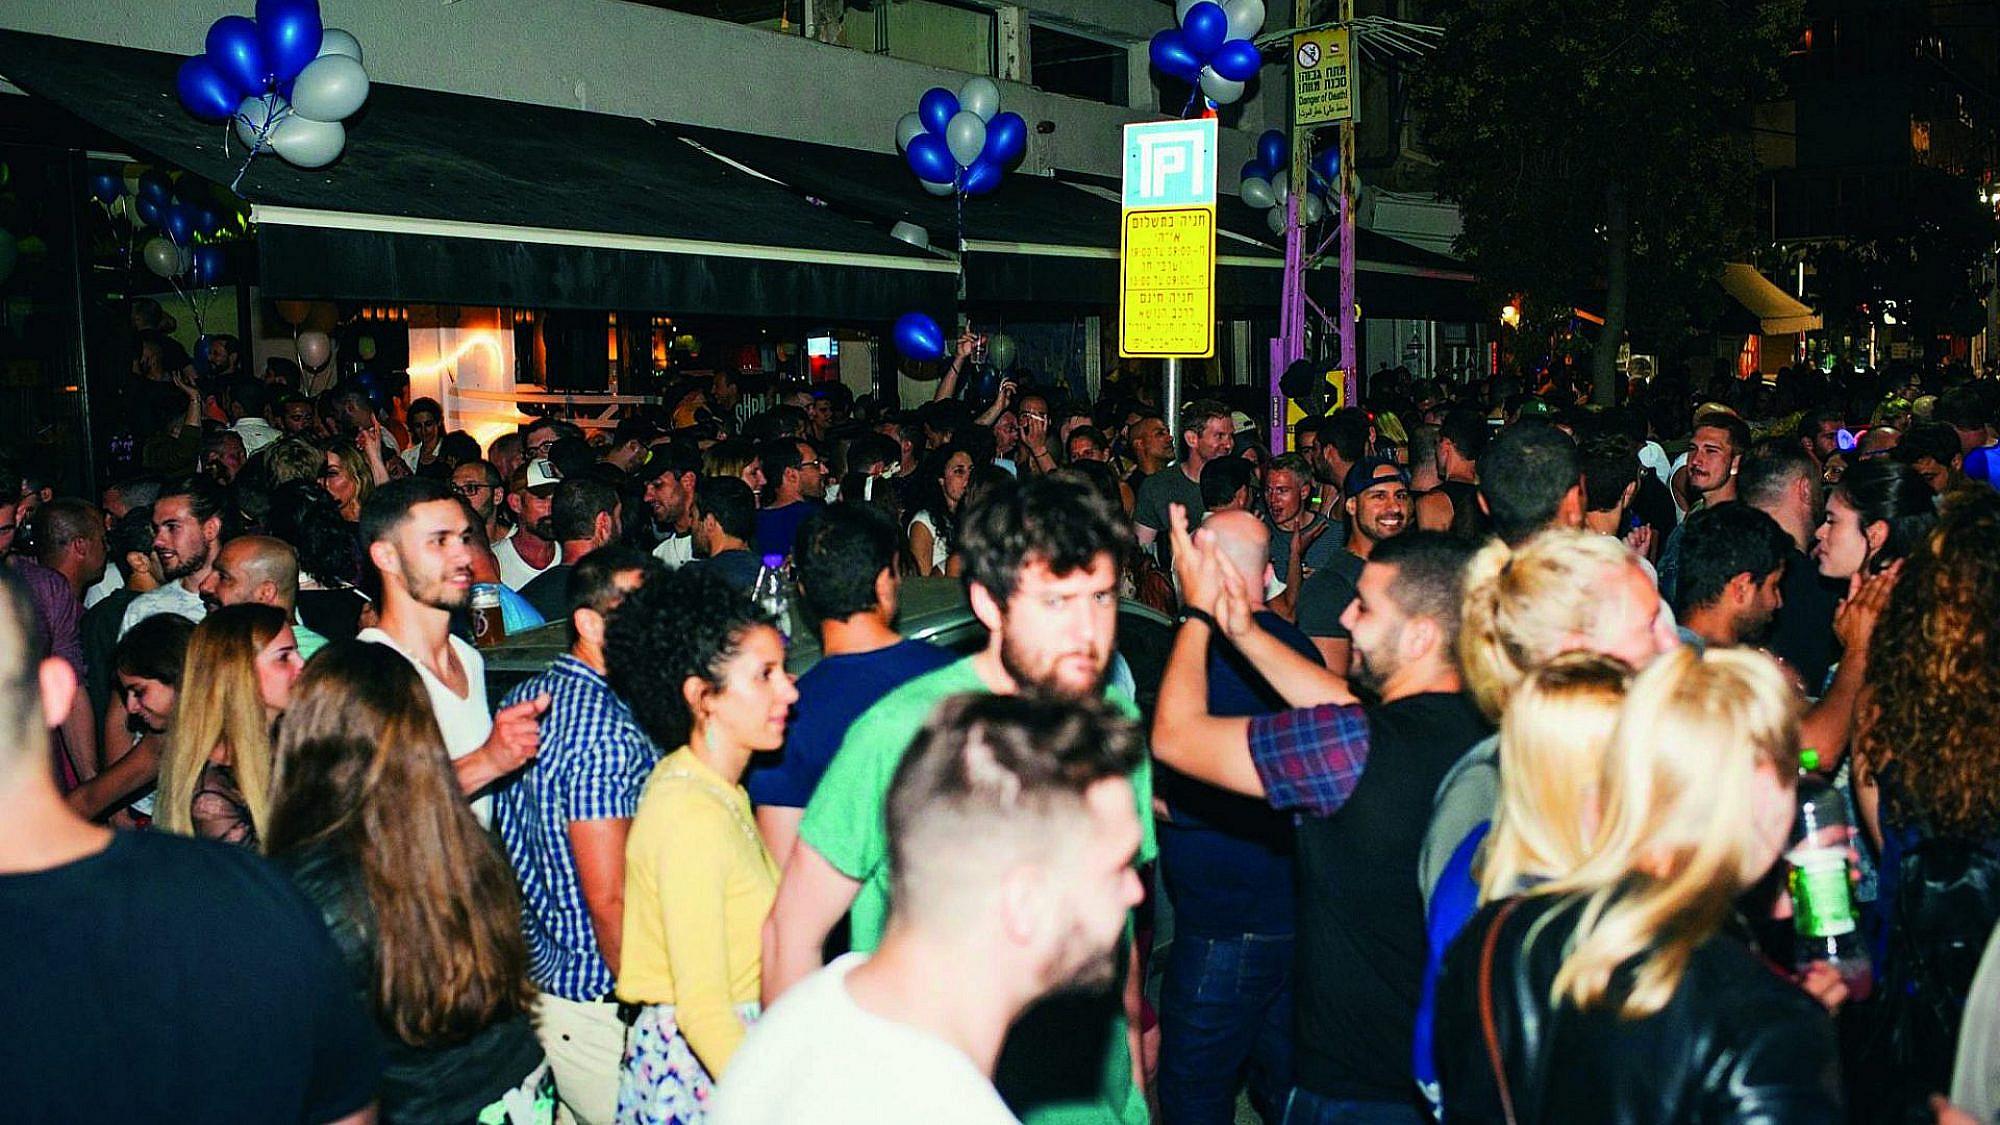 רווקים, רווקים בכל מקום. מסיבה מחוץ לשפגאט (צילום: דולב אלרון)